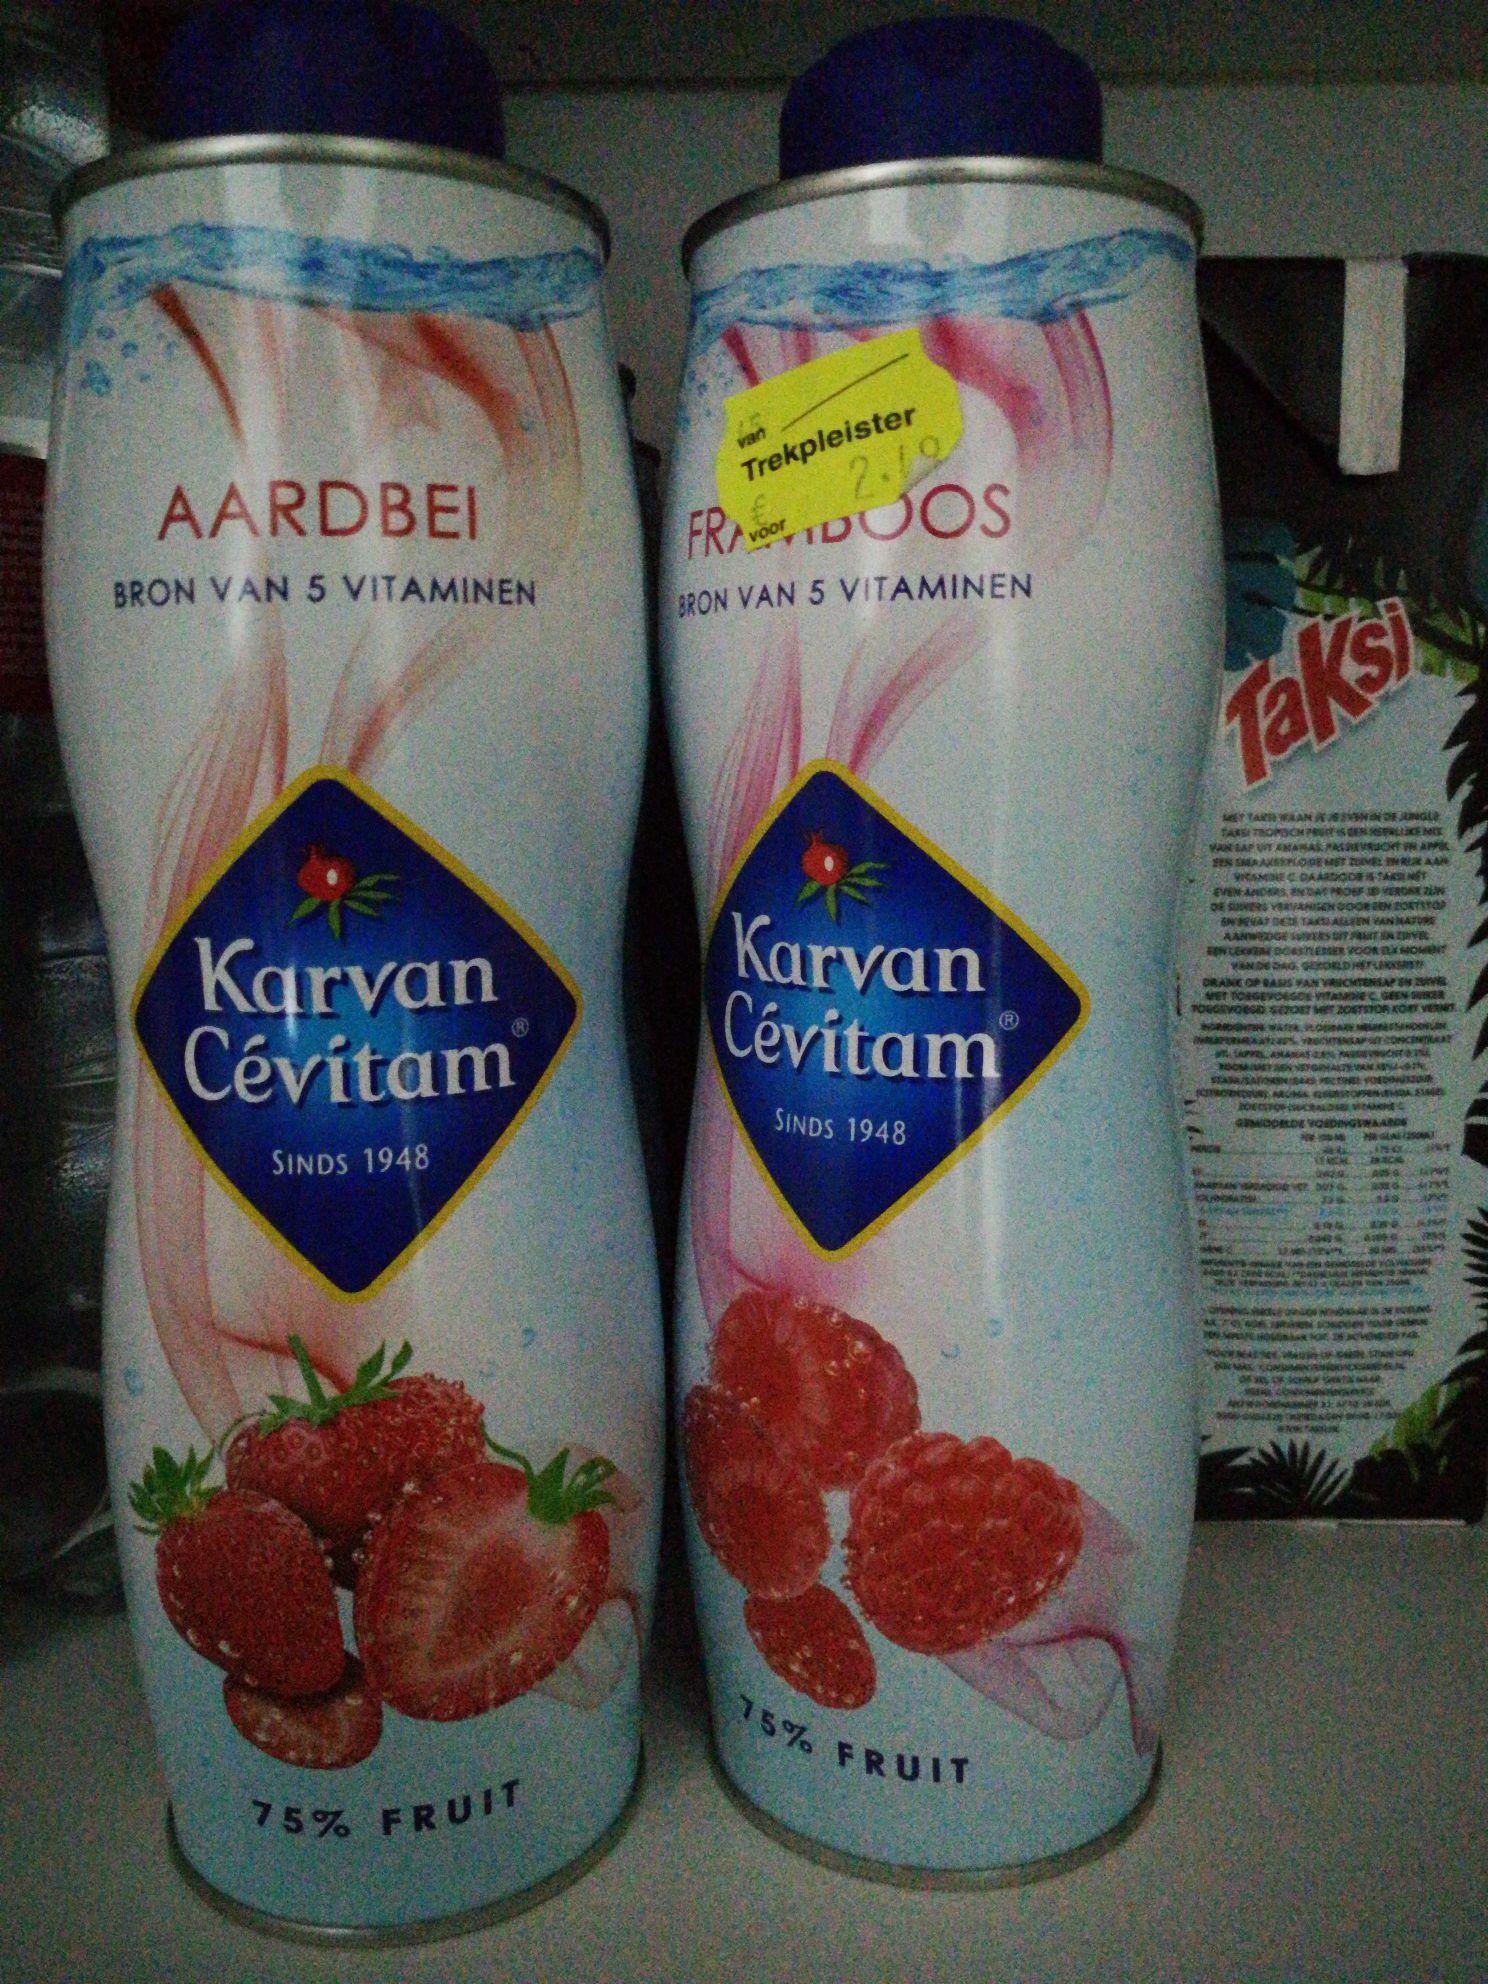 2 flessen karvan cevitam voor 2.49 bij trekpleister Sliedrecht